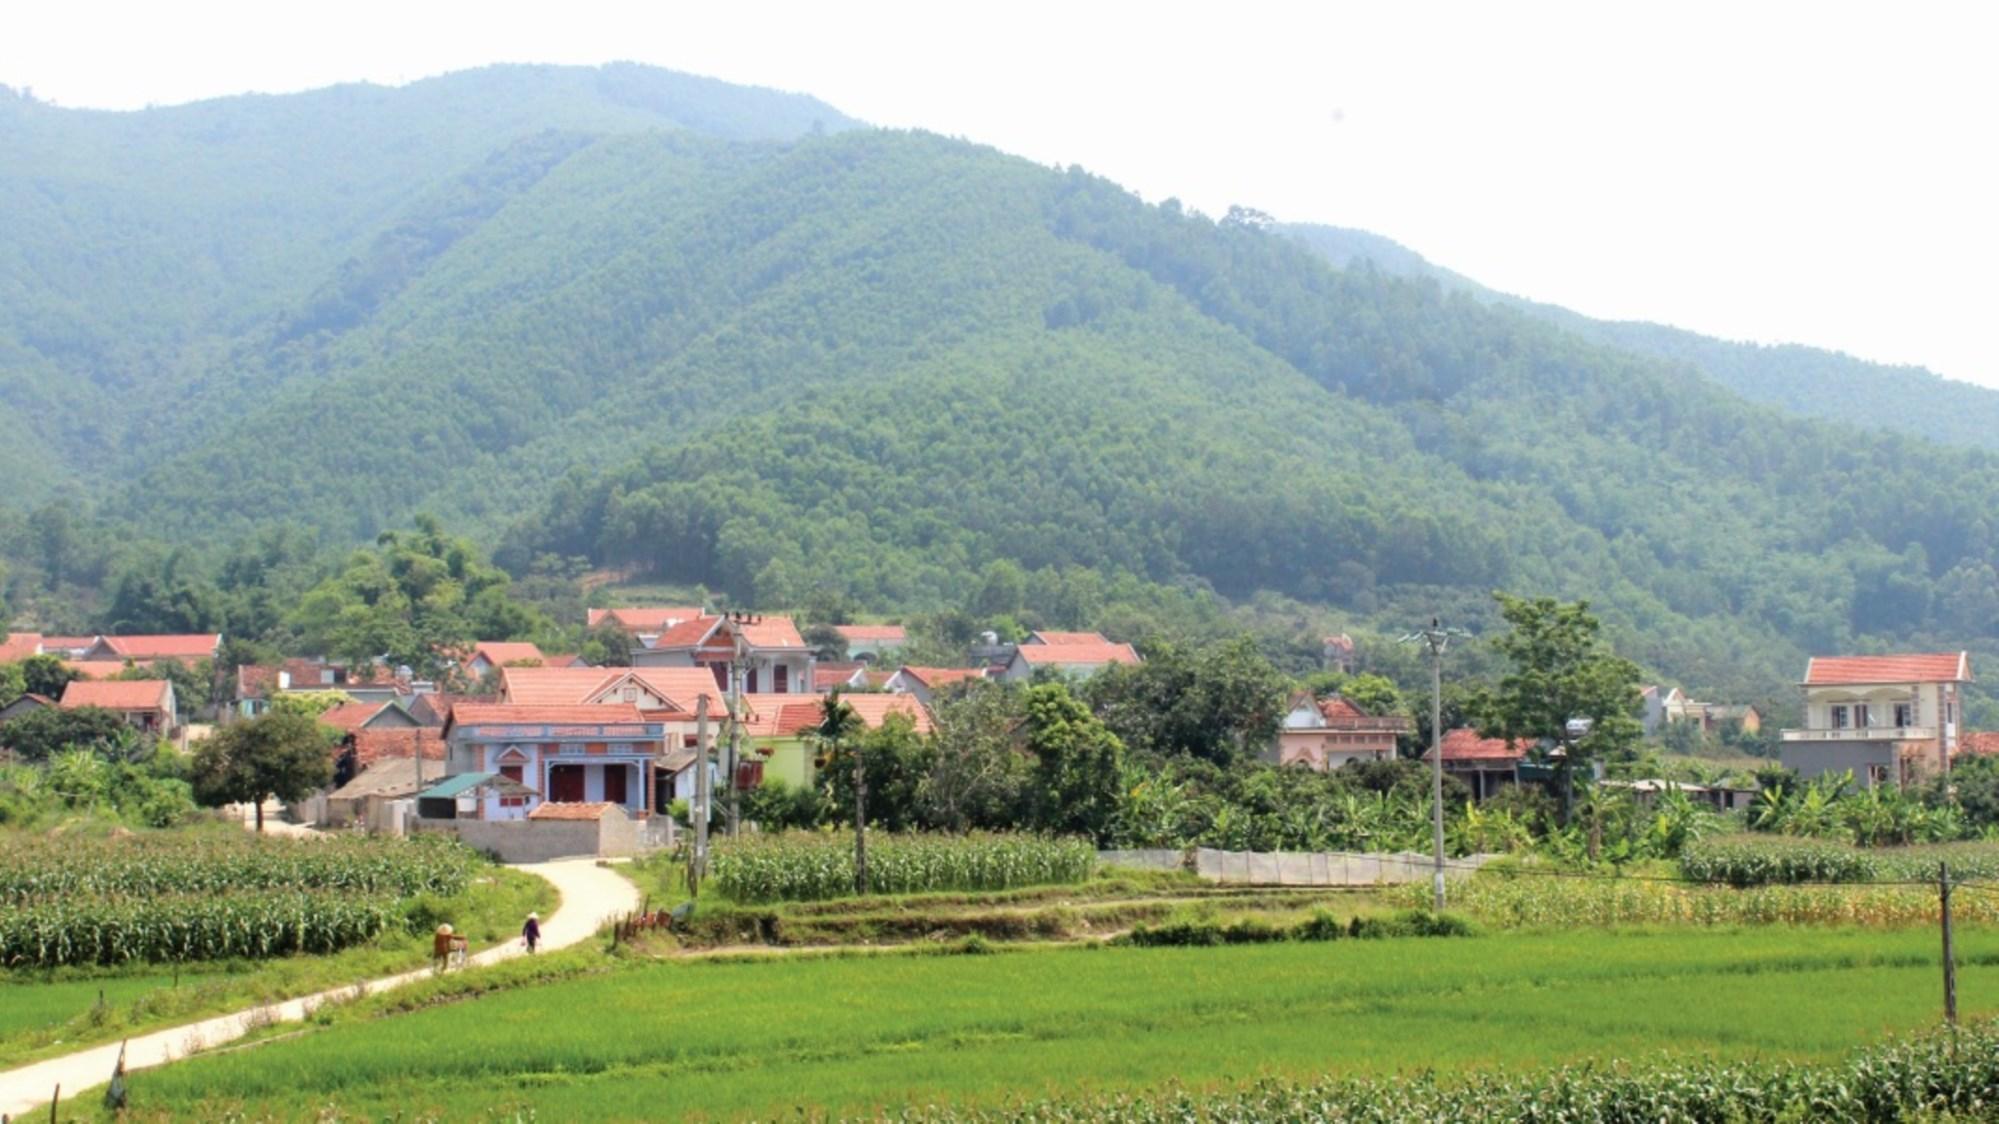 Nguồn lực đầu tư được bố trí hợp lý góp phần thay đổi diện mạo nông thôn, miền núi